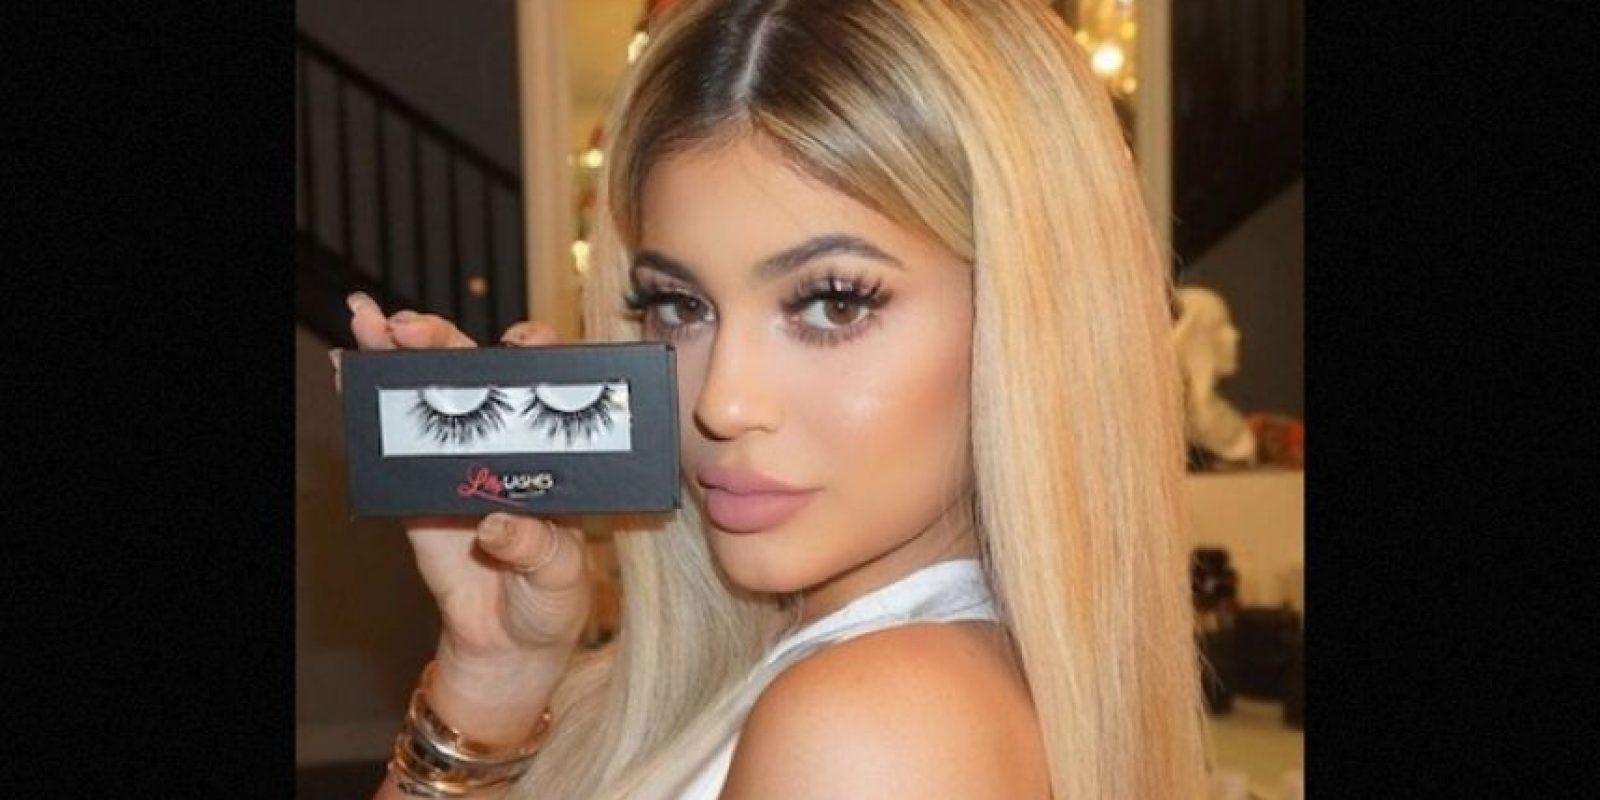 """Para las pestañas confiesa que va a la farmacia """"CVS"""" y compra las falsas que le gustan Foto:Instagram/KylieJenner"""